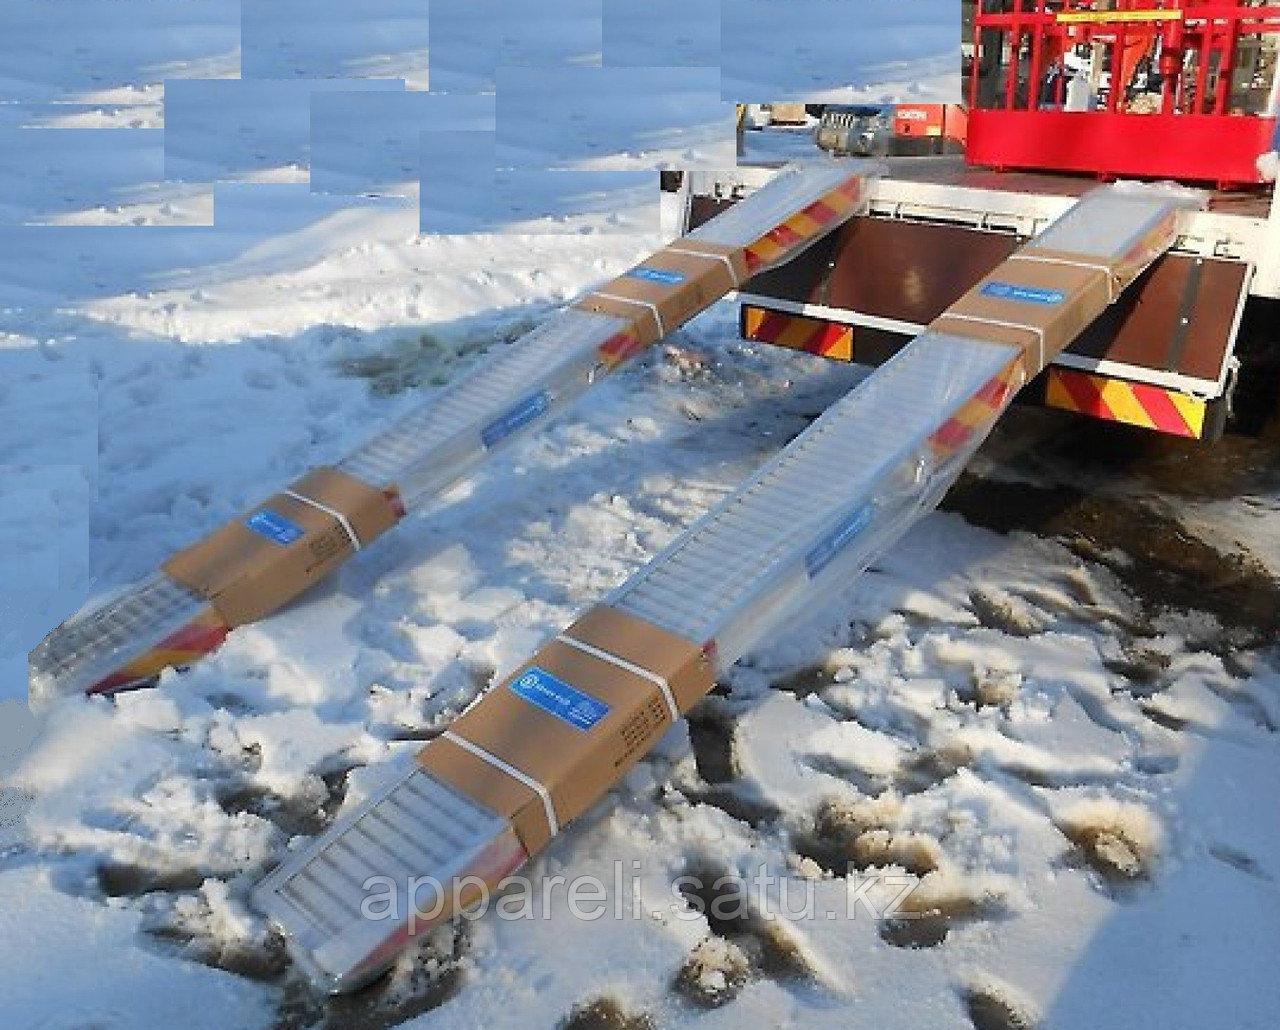 Алюминиевые аппарели до 1,820 тонн, 3230 мм длина.